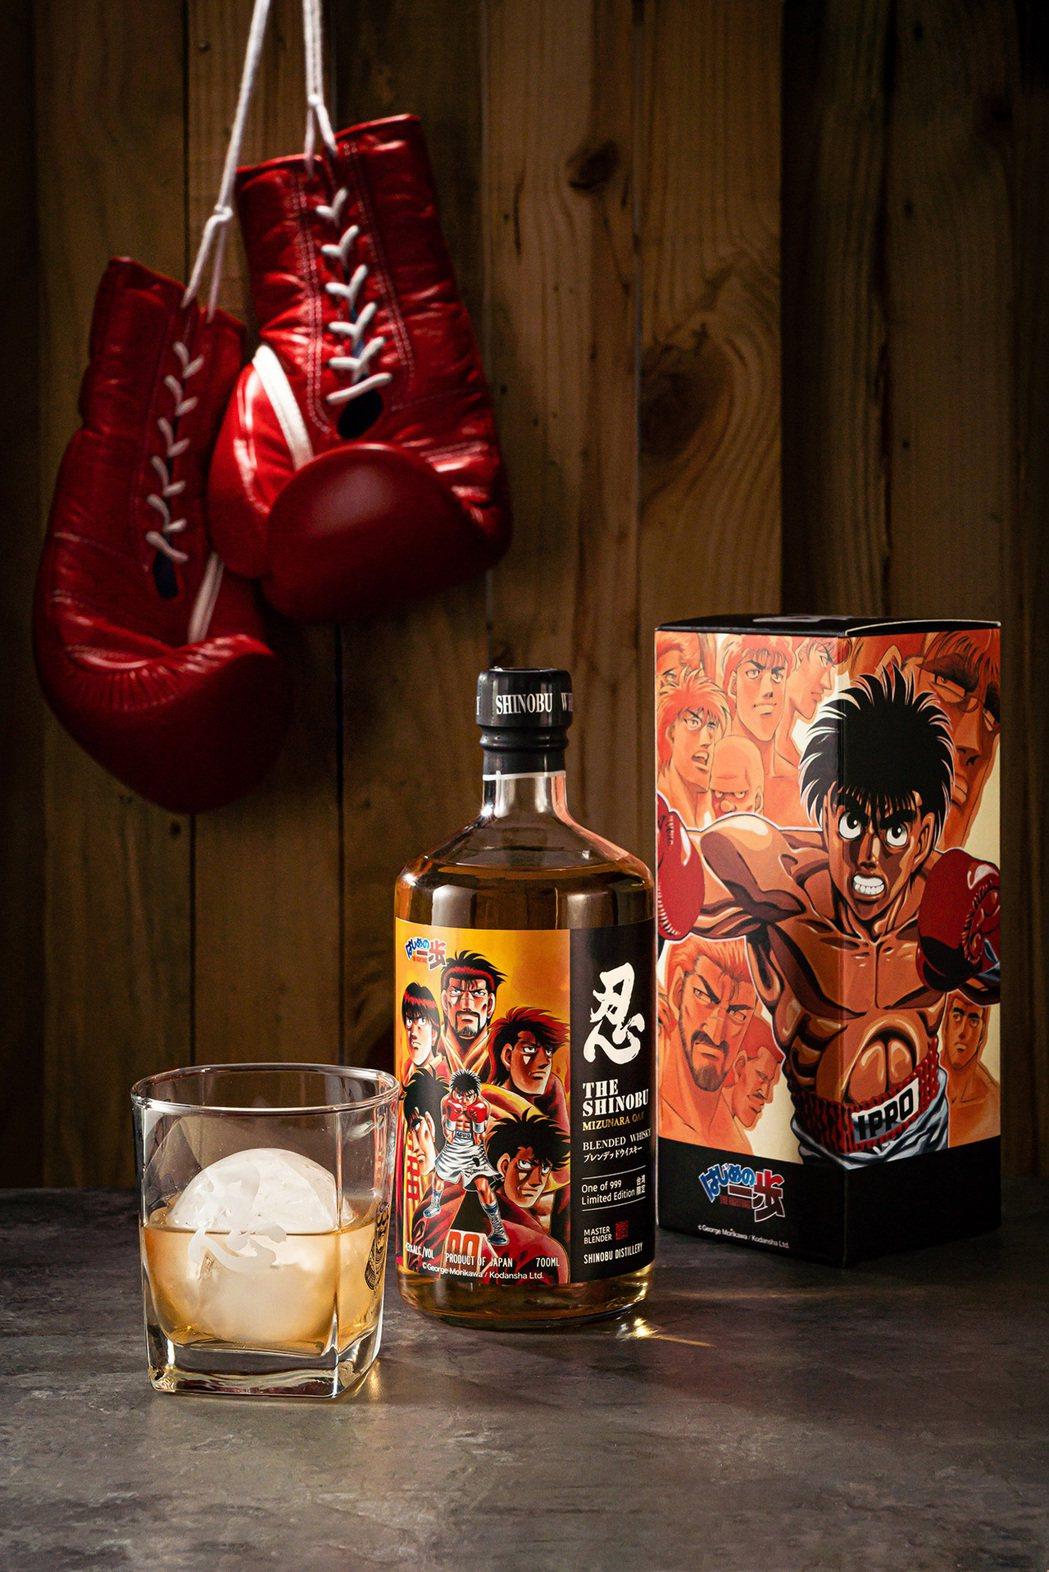 忍SHINOBU X《第一神拳》聯名威士忌第一彈,即日起7-11限量首賣,售價N...